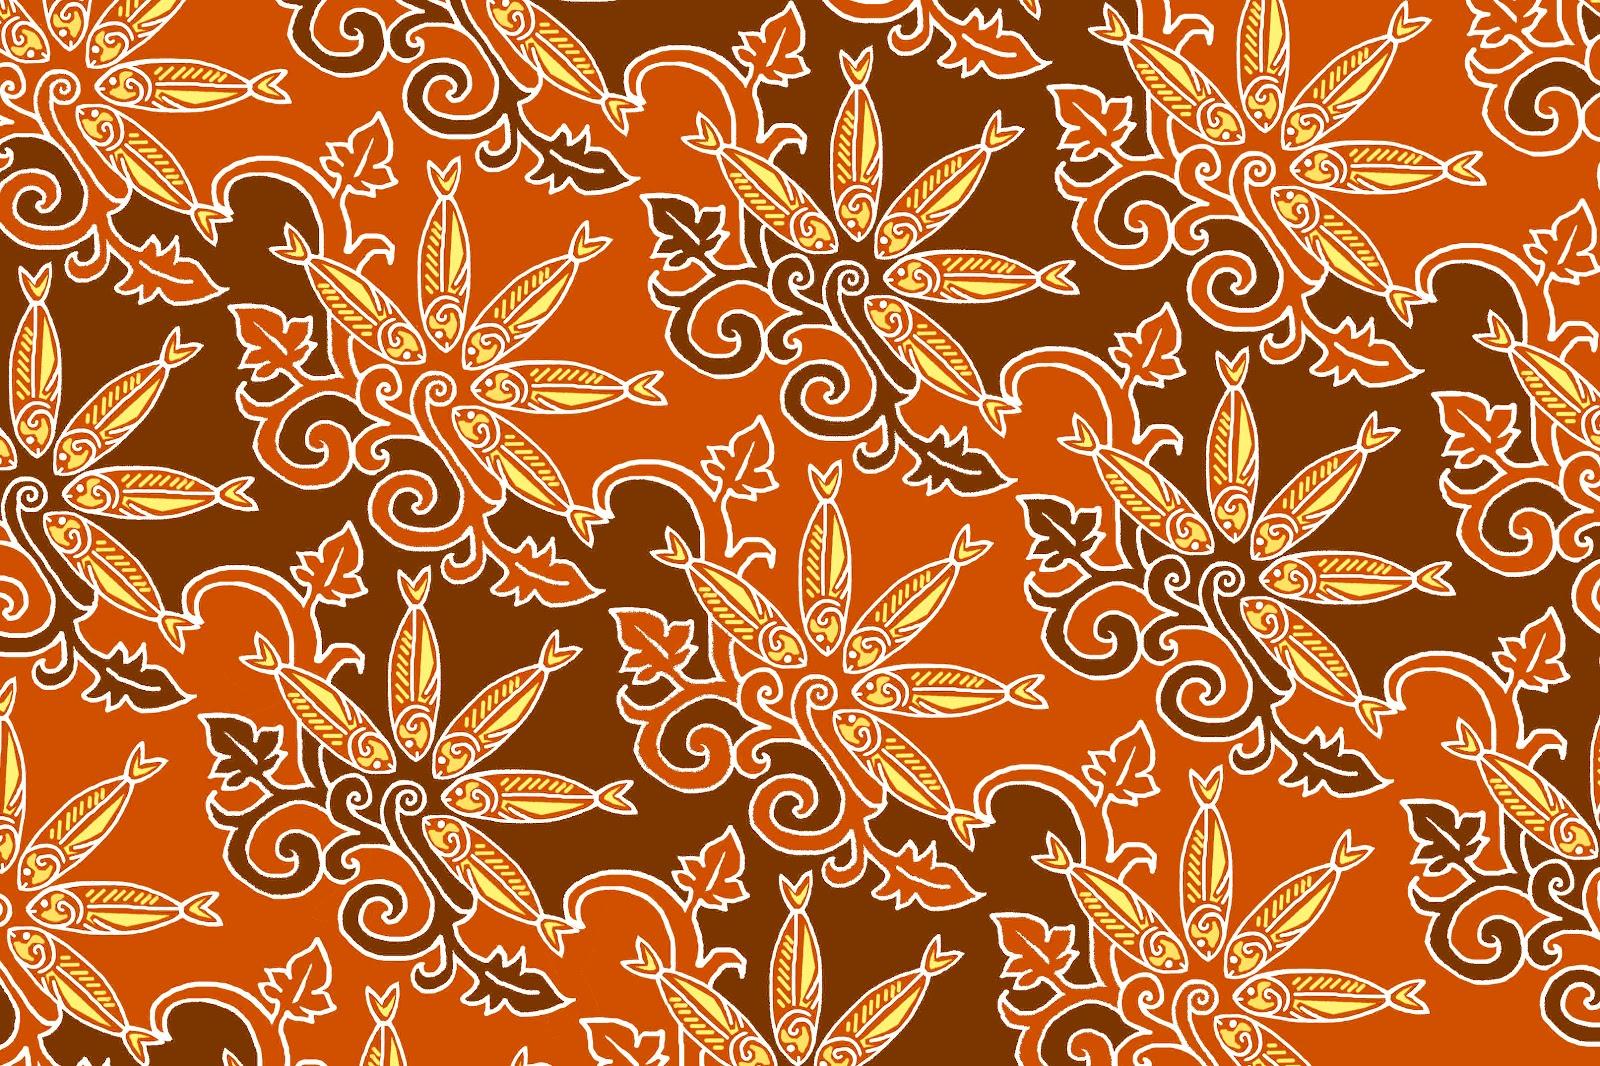 batik inspirasi nya bisa dari mana saja biasanya motif motif batik